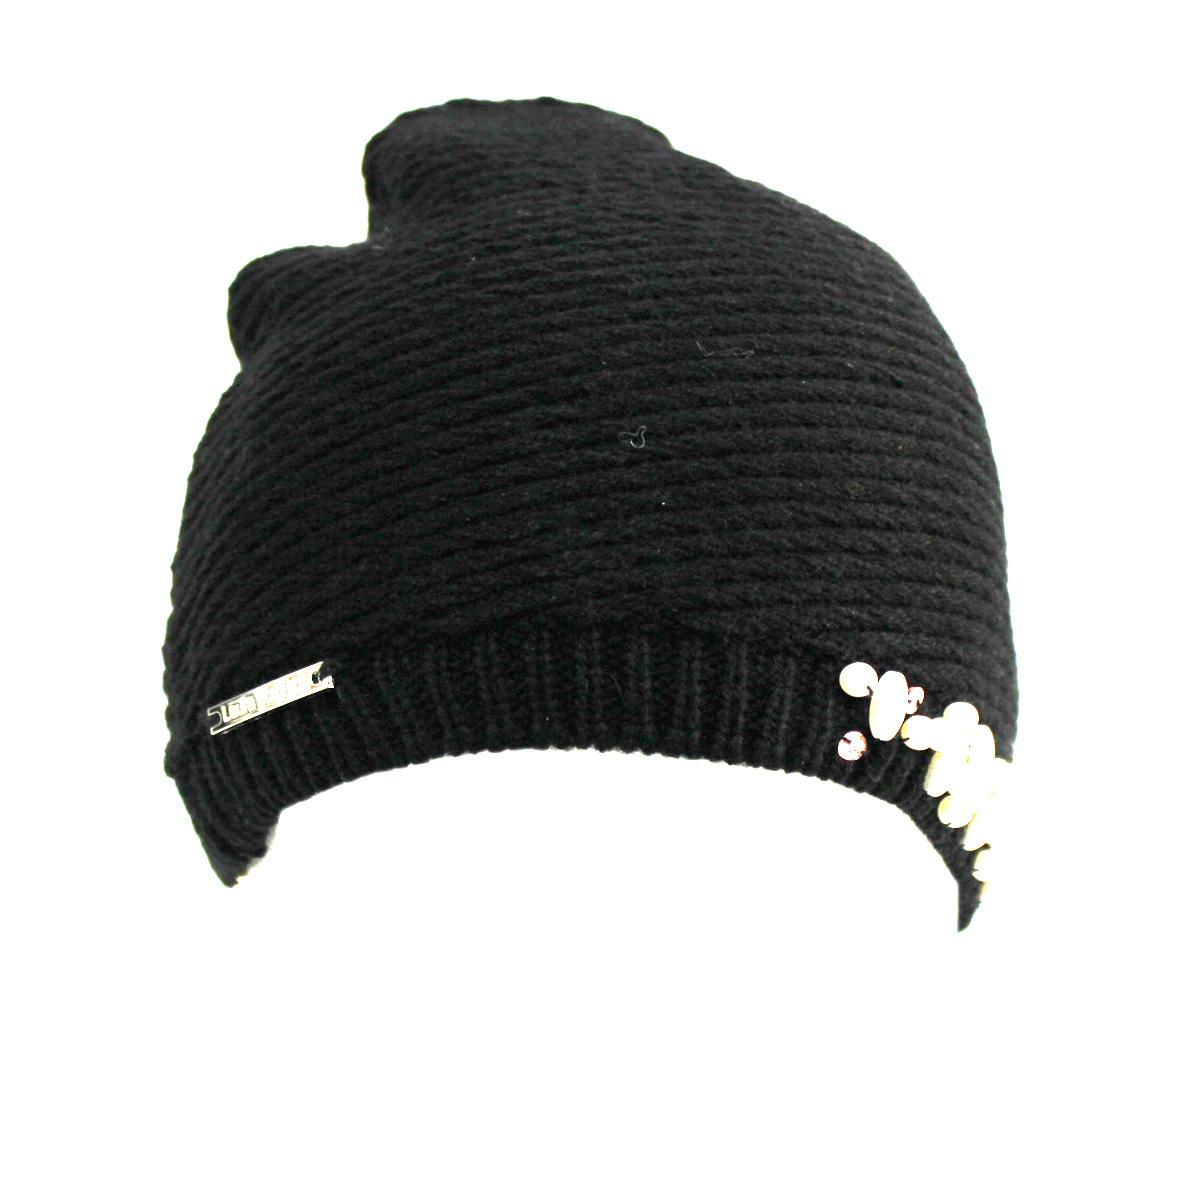 Cappello donna 100% ACRILICO cuffia con perline LAURA BIAGIOTTI 21139 nero 798cdf7efd14